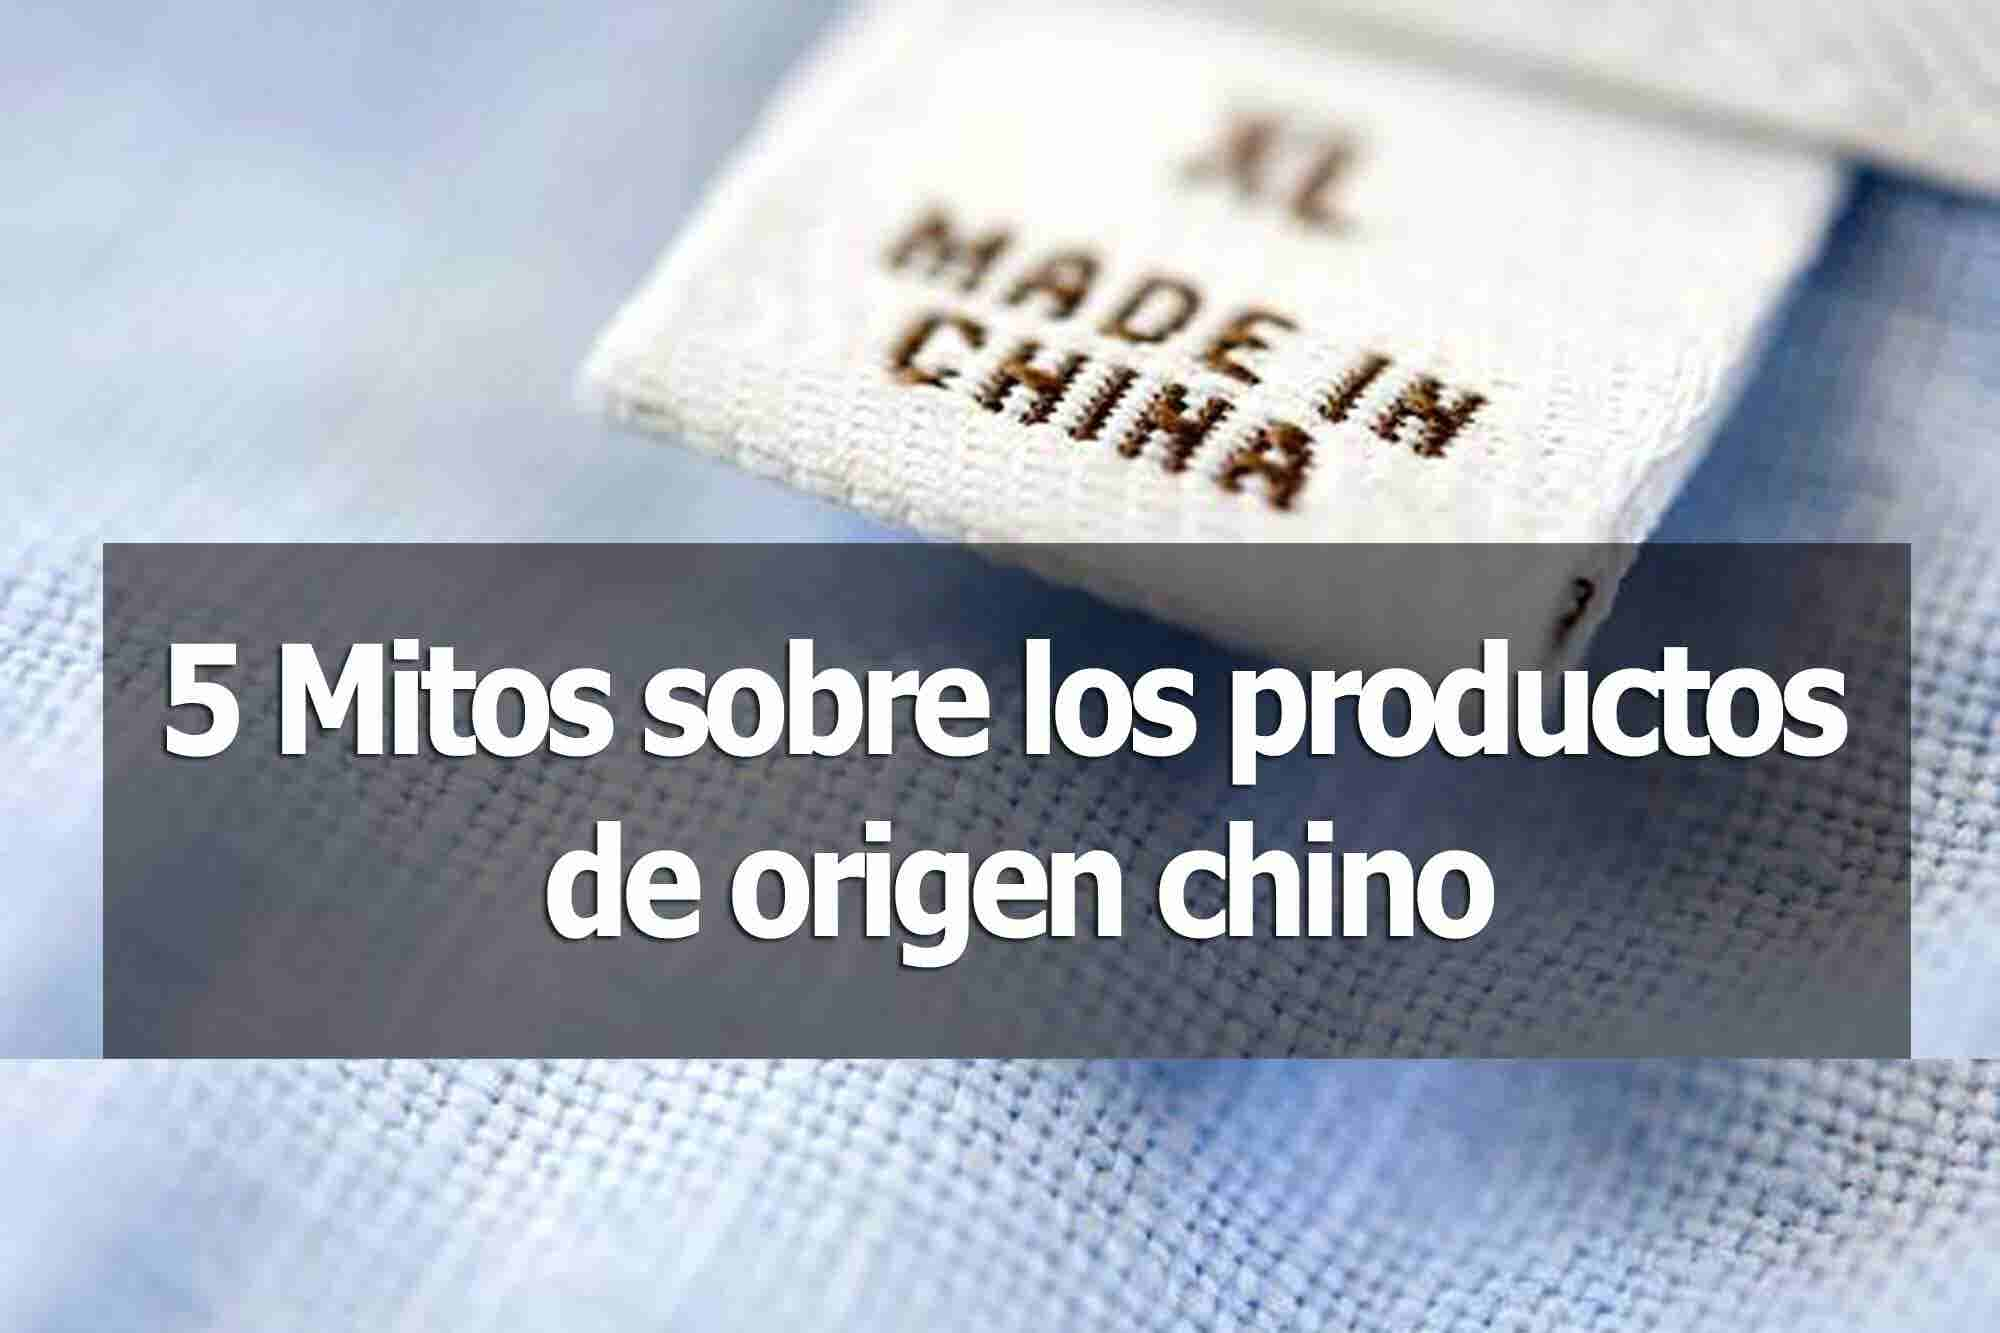 5 mitos sobre los productos de origen chino